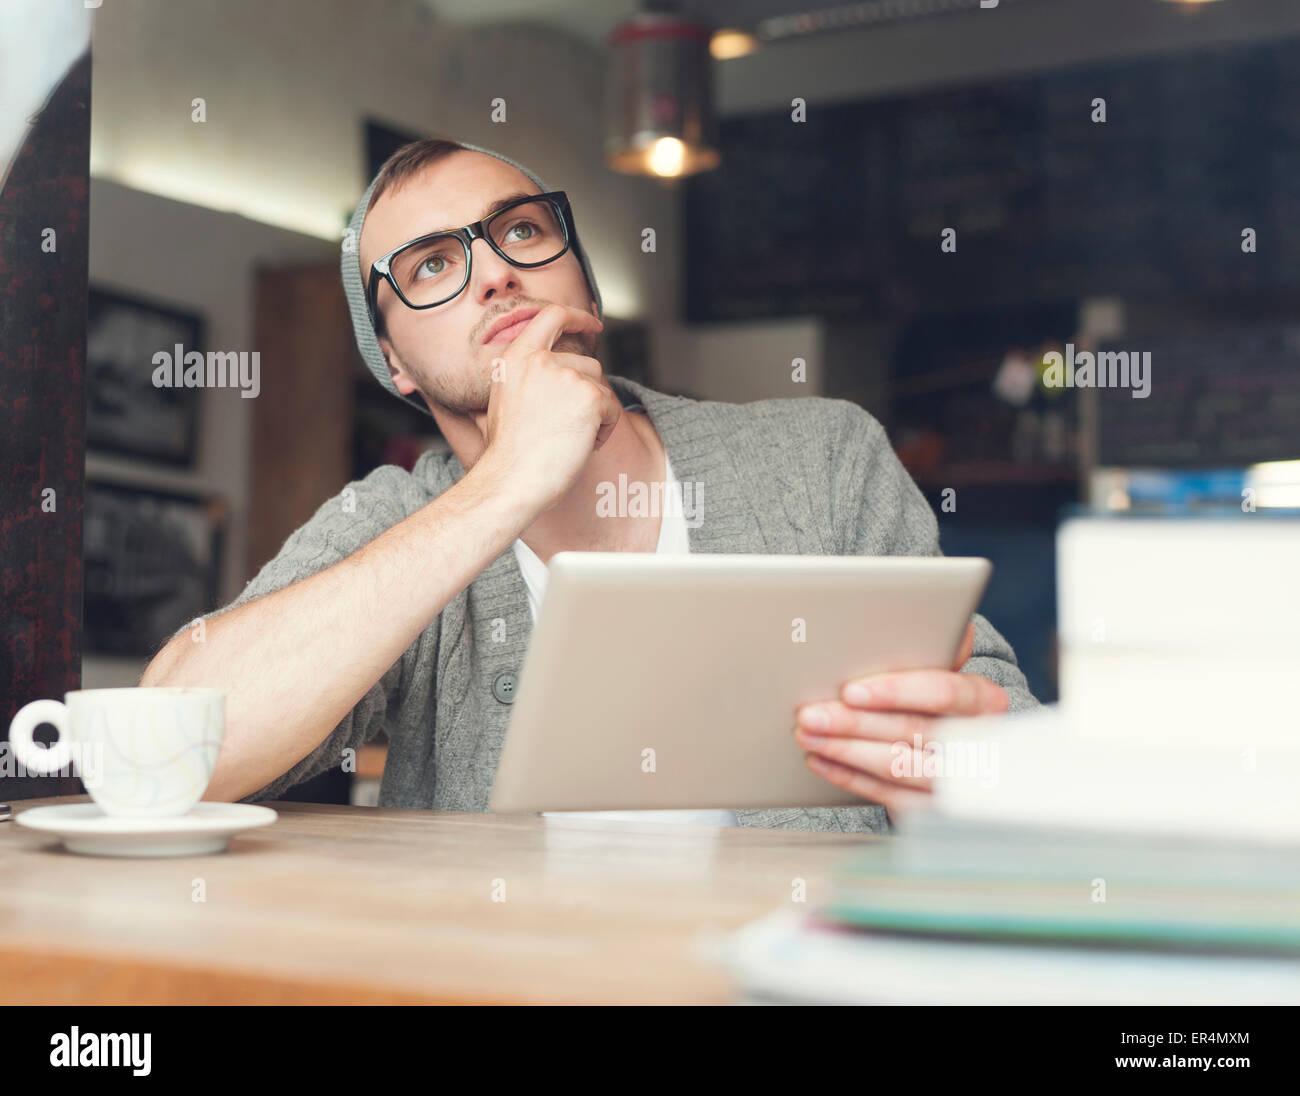 Dreaming uomo con tavoletta digitale presso il cafe. Cracovia in Polonia Immagini Stock